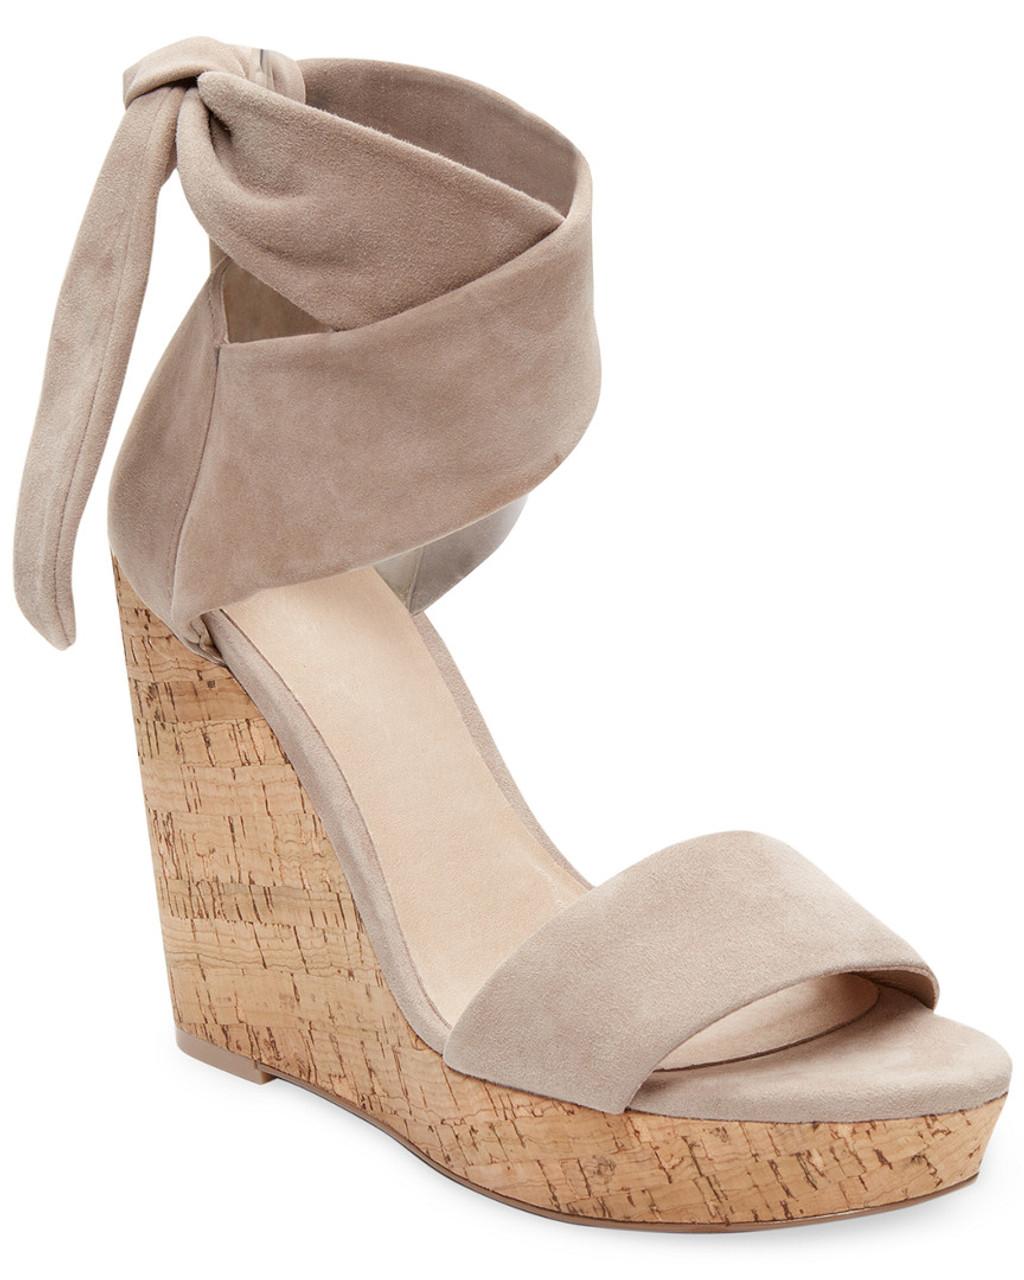 6c9d775526 ALEX+ALEX Suede Wedge Platform Sandal~1311772310 - Bon-Ton